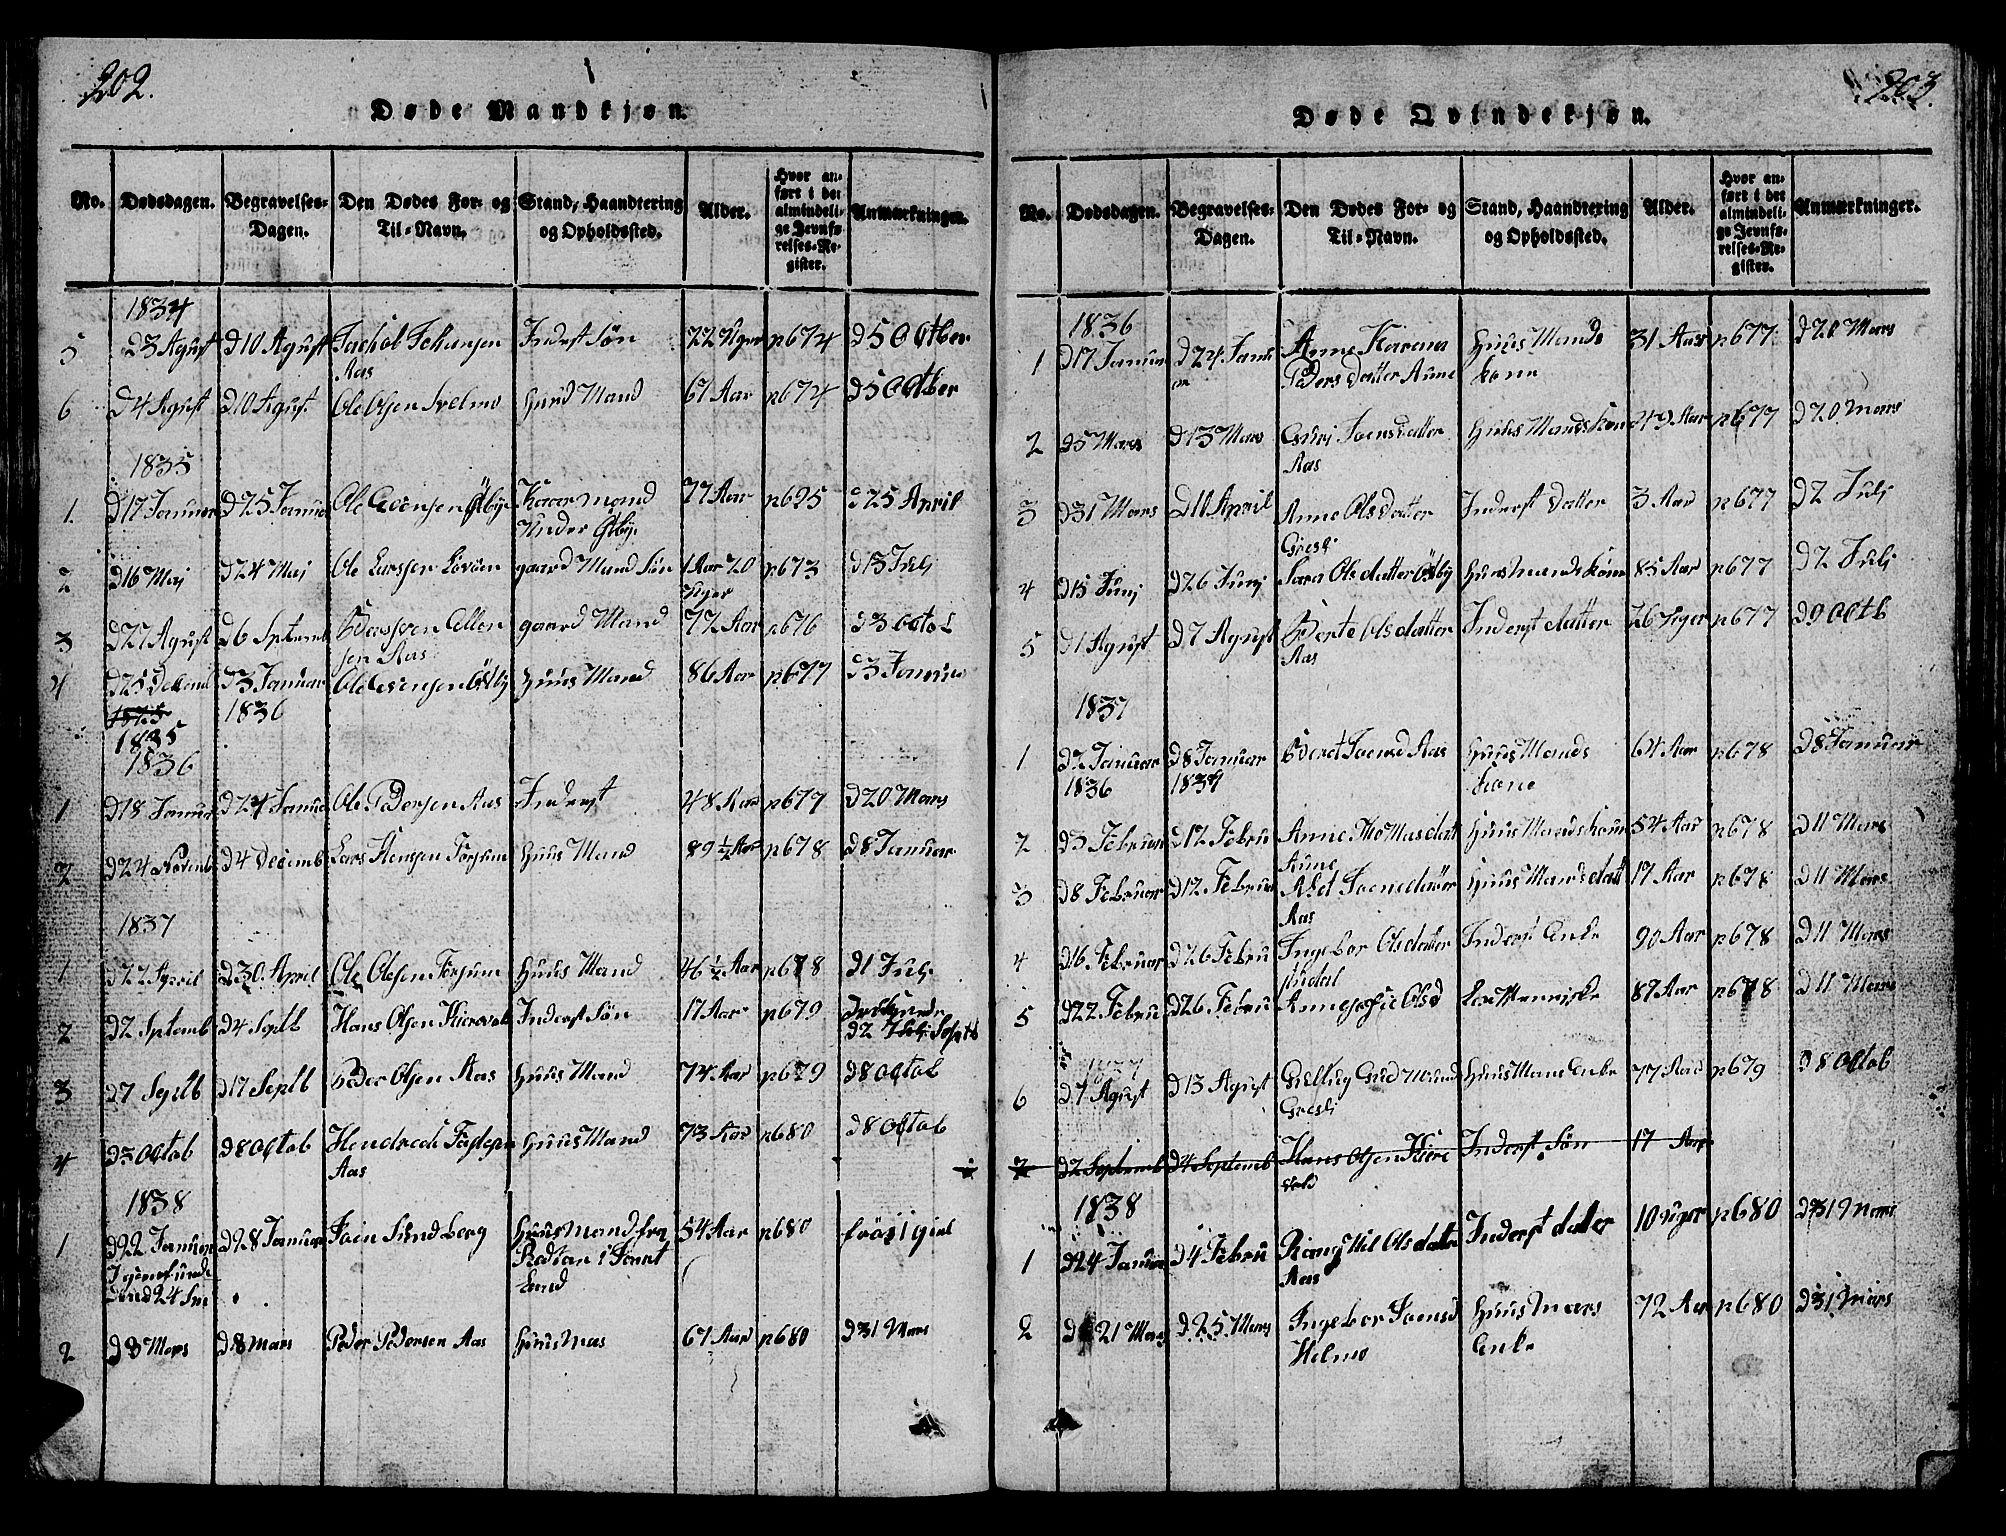 SAT, Ministerialprotokoller, klokkerbøker og fødselsregistre - Sør-Trøndelag, 698/L1164: Klokkerbok nr. 698C01, 1816-1861, s. 202-203